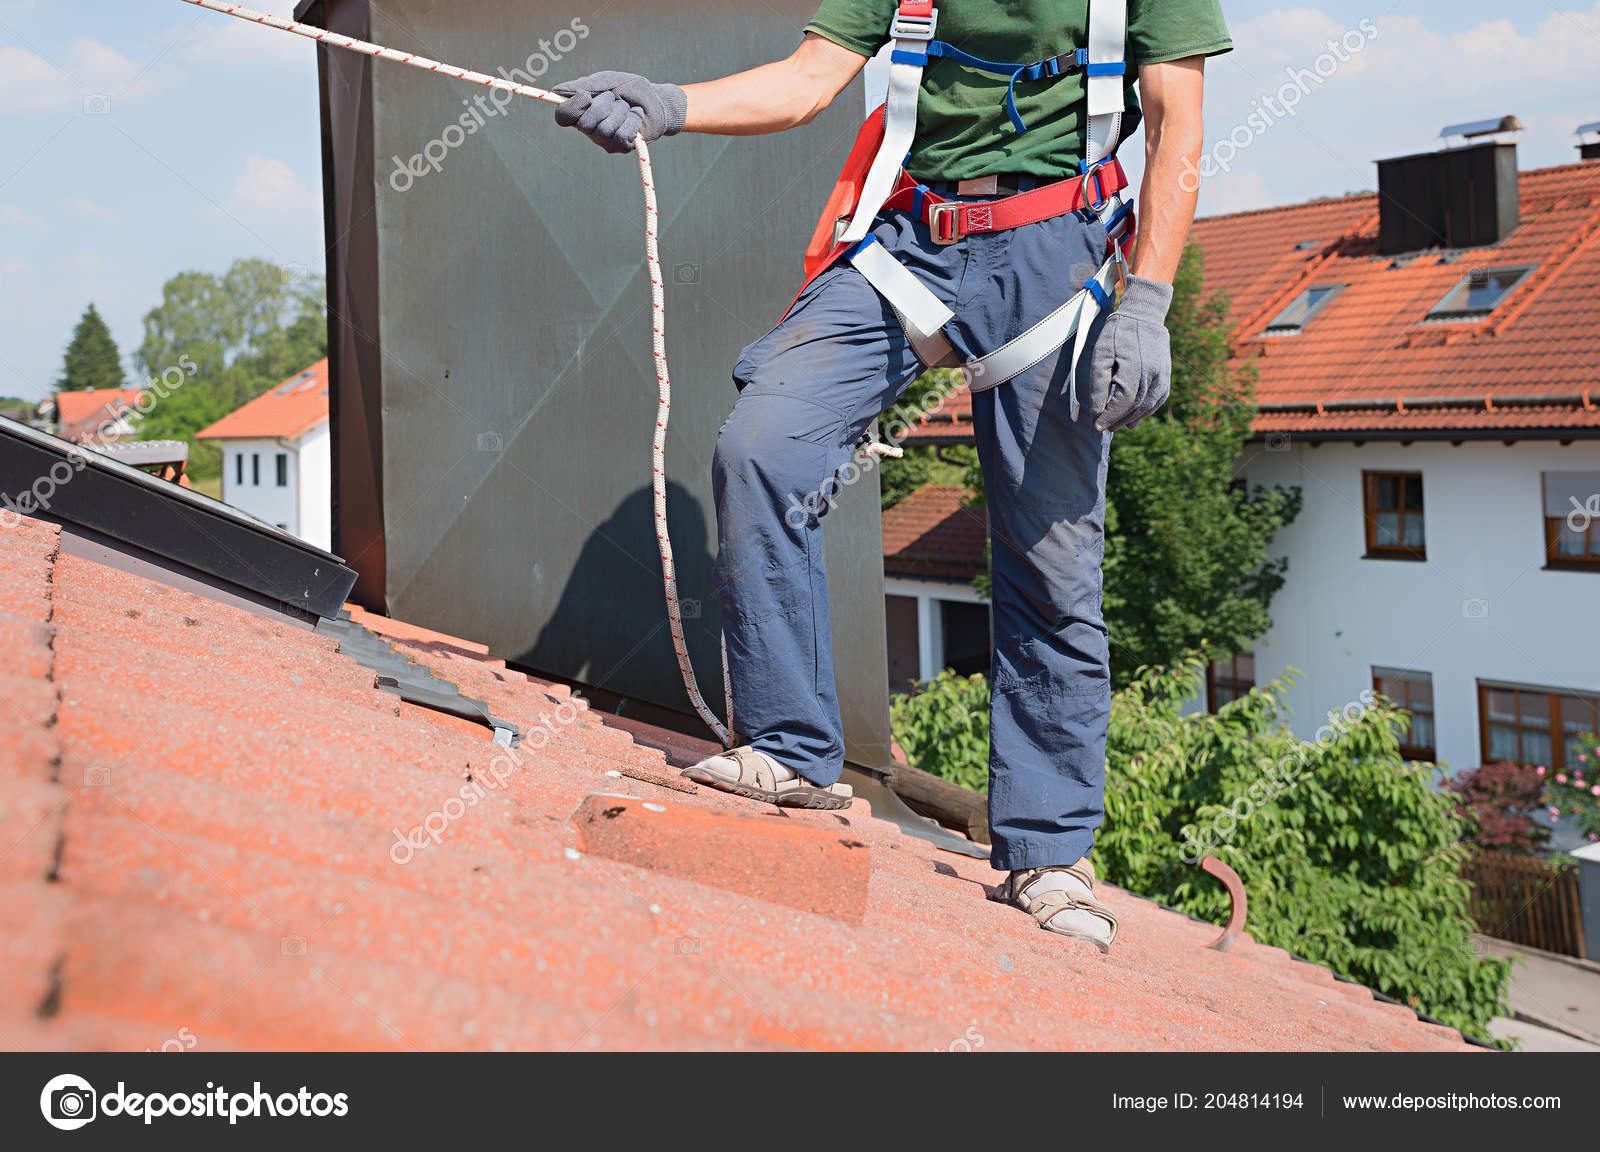 Klettergurt Aus Seil Machen : Rock kletterers stand an der spitze zu klettern mit seil und